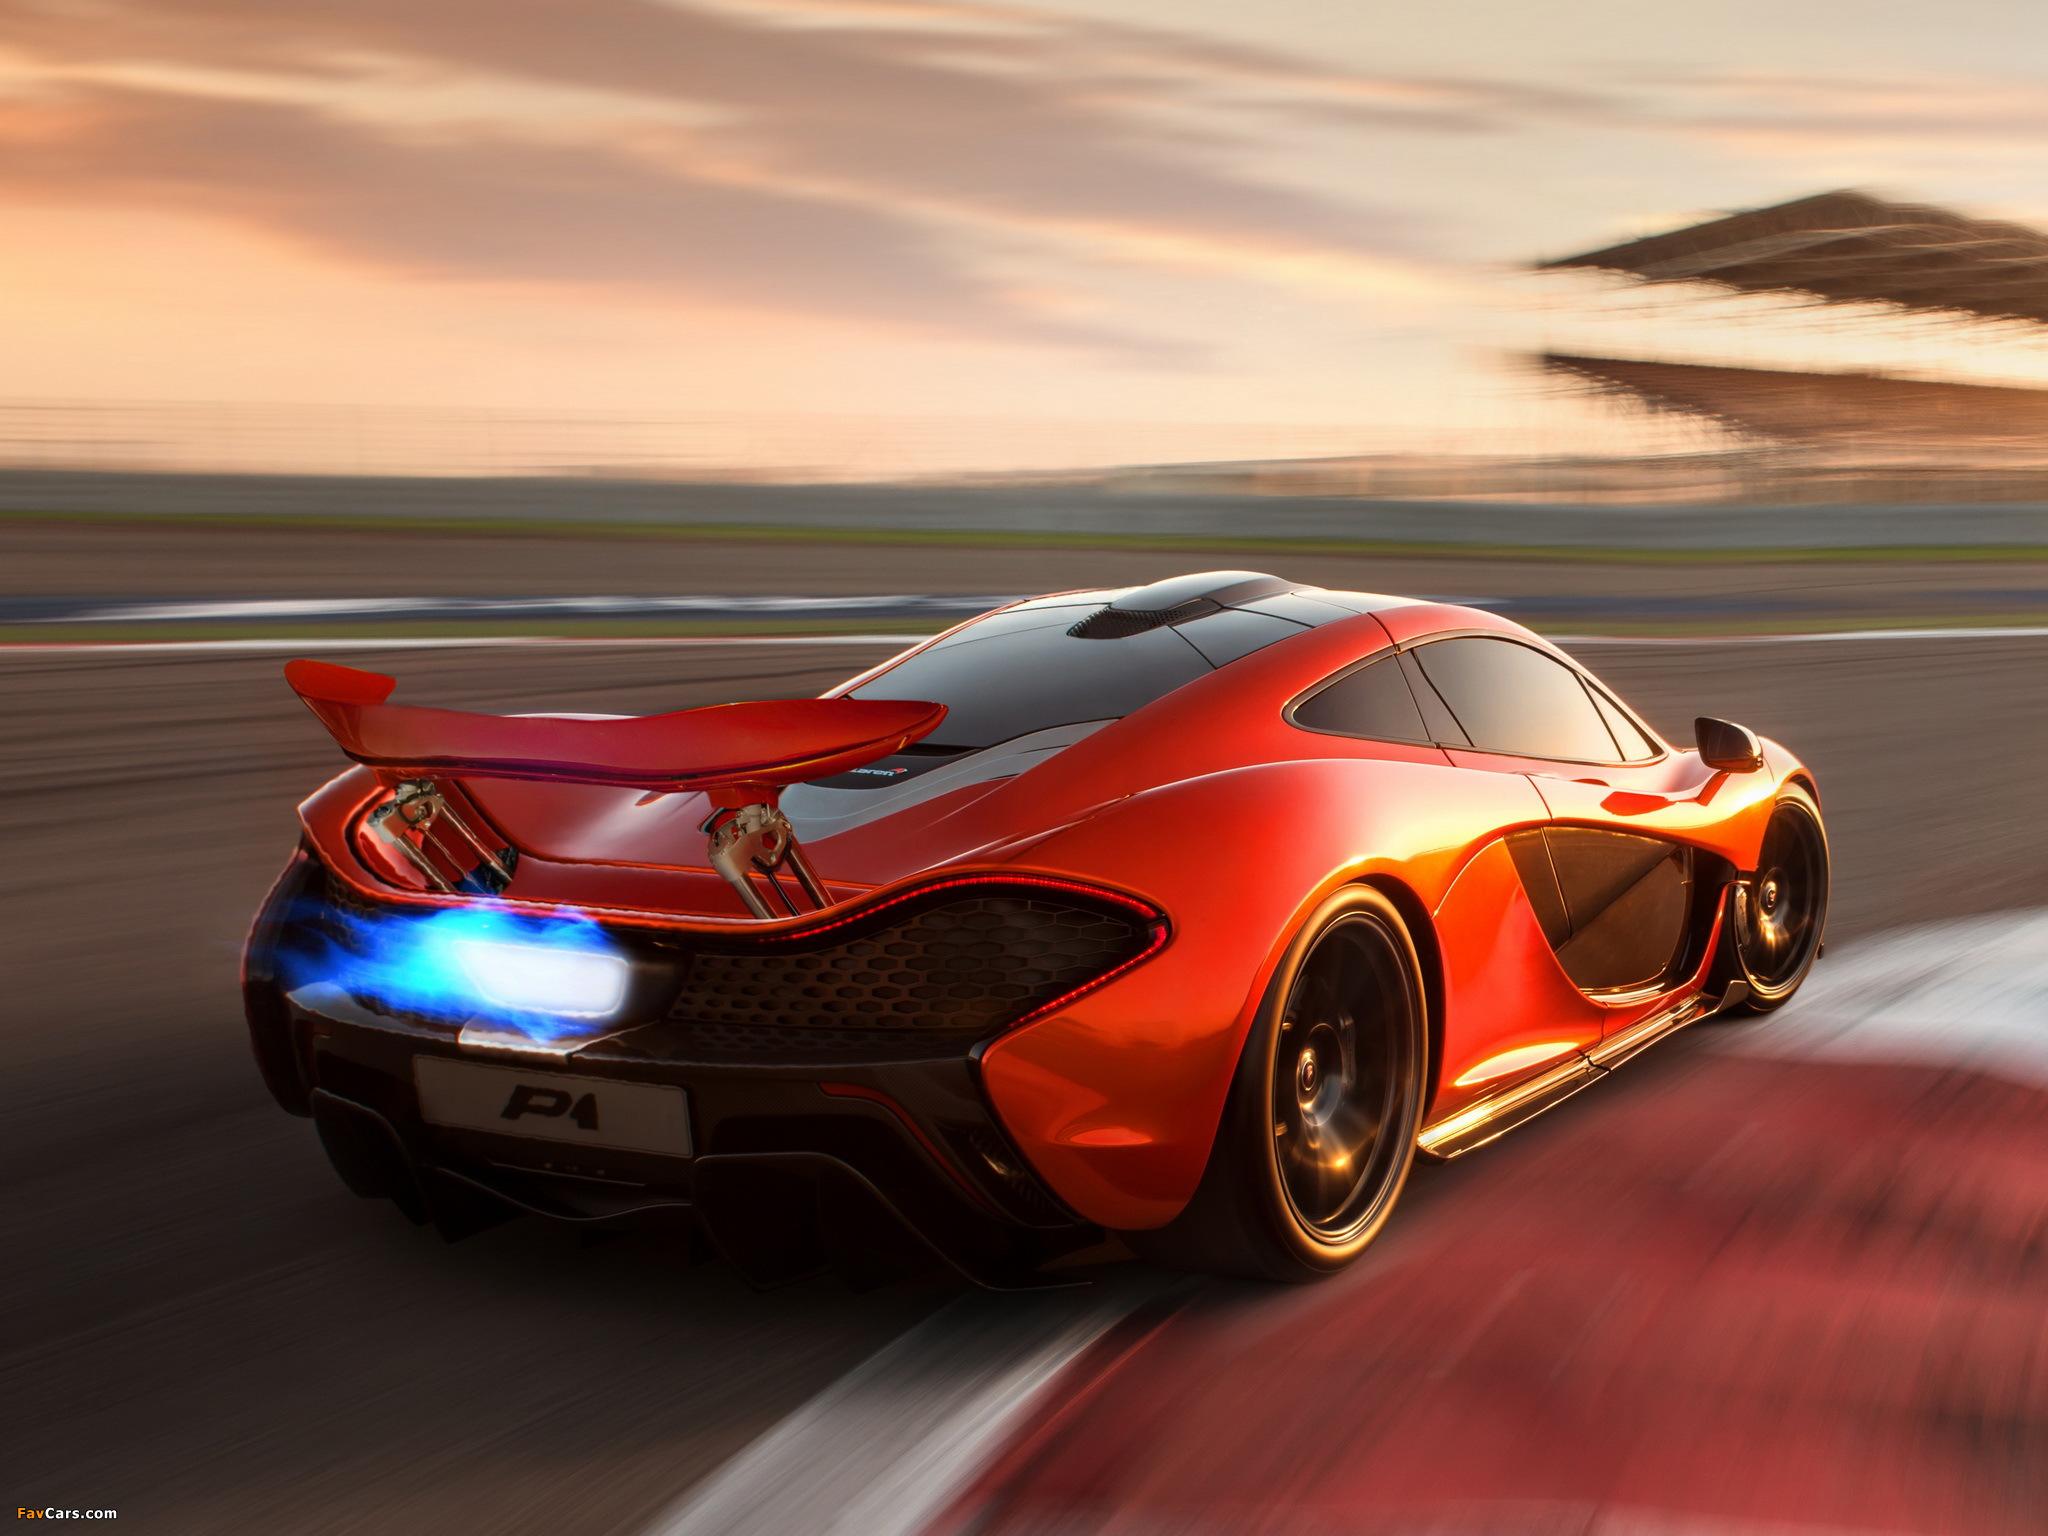 автомобиль белый спортивный McLaren P1 загрузить